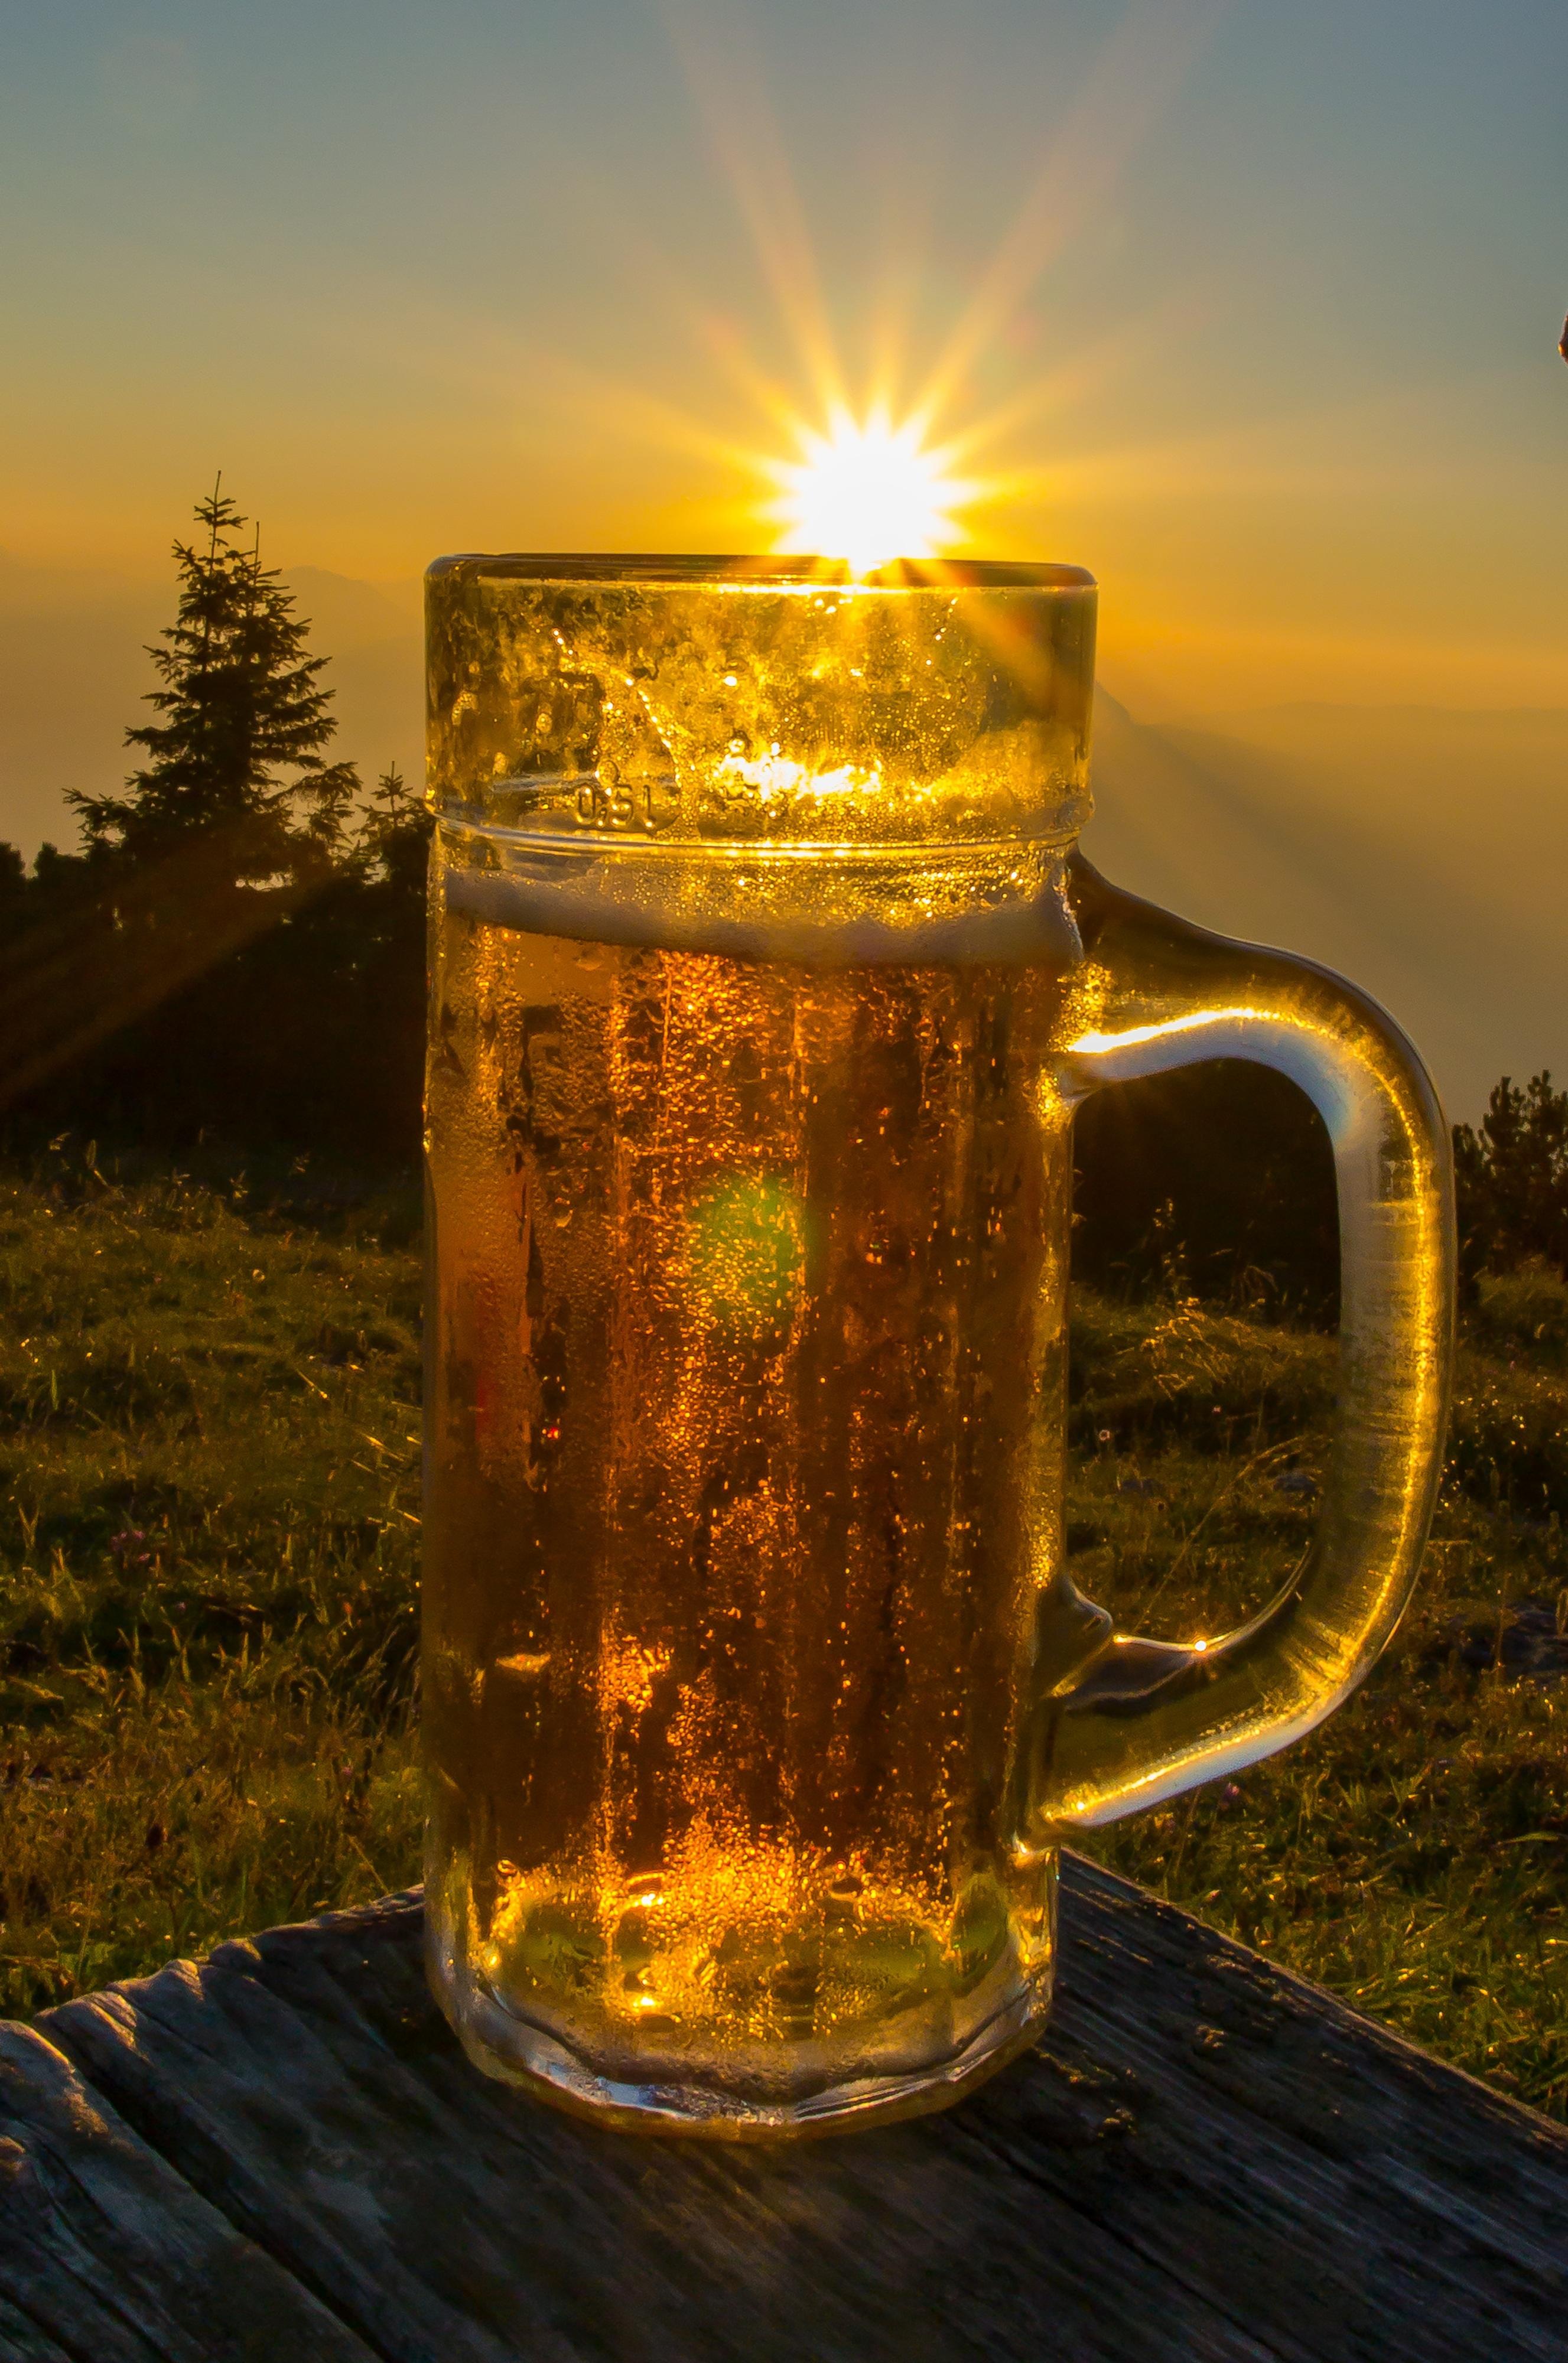 традиционно добрый вечер картинки с пивом входит число